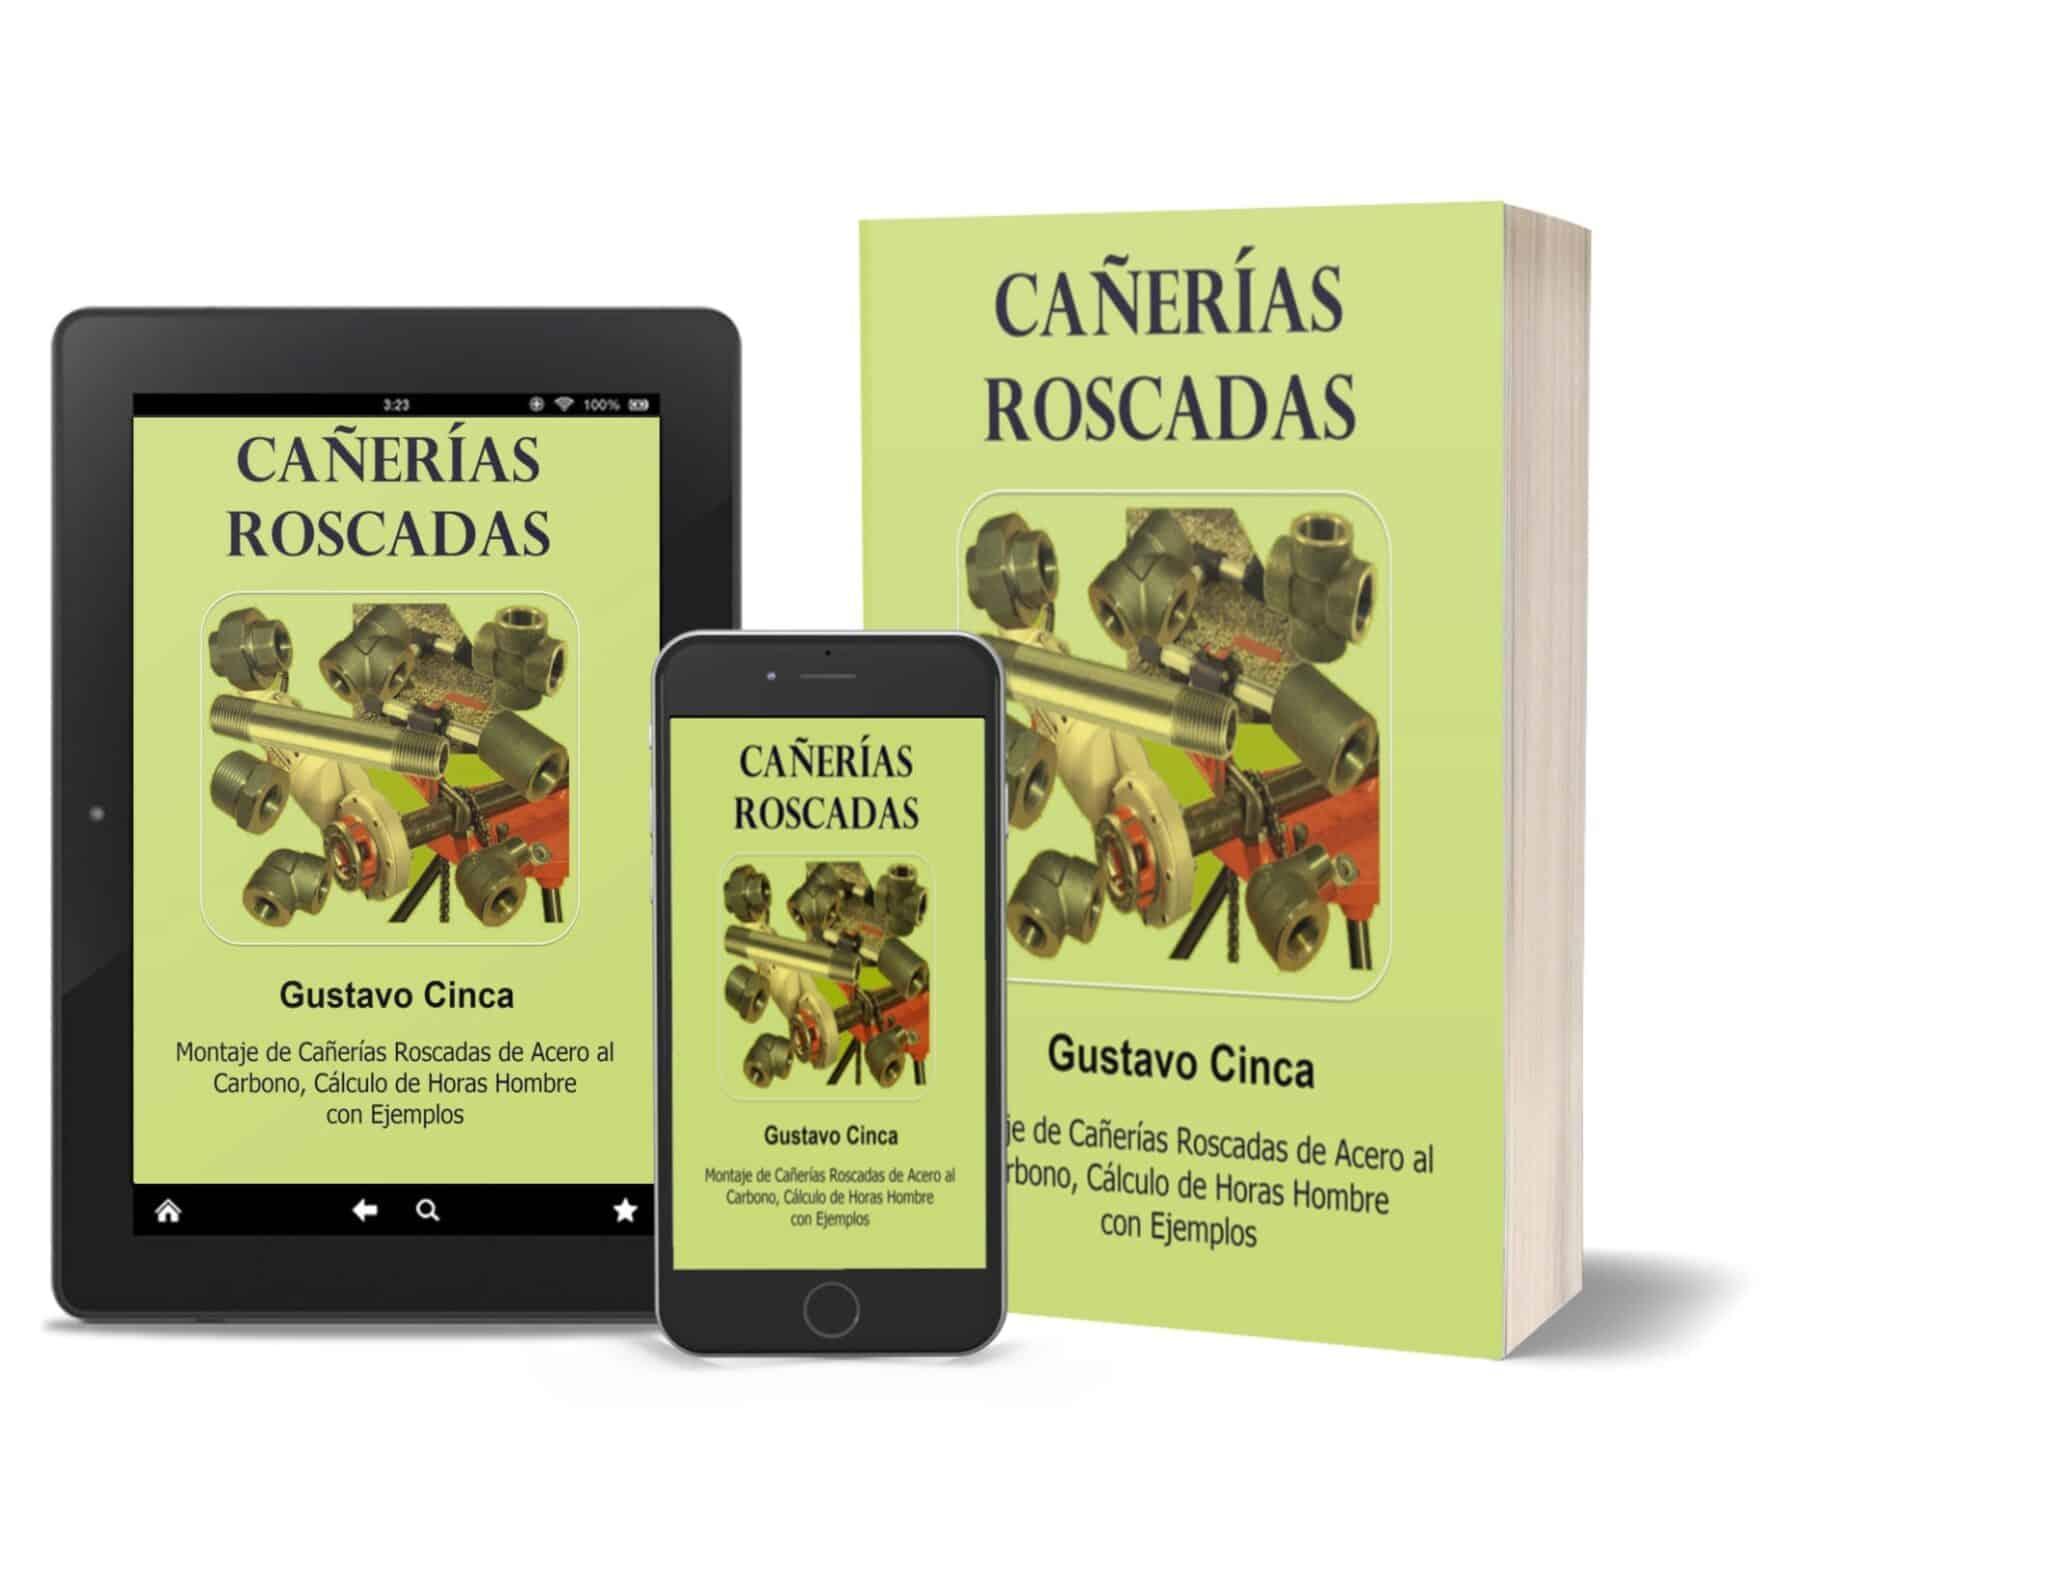 Cañerías Roscadas: Montaje de Cañerías Roscadas de Acero al Carbono, Cálculo de Horas Hombre con Ejemplos